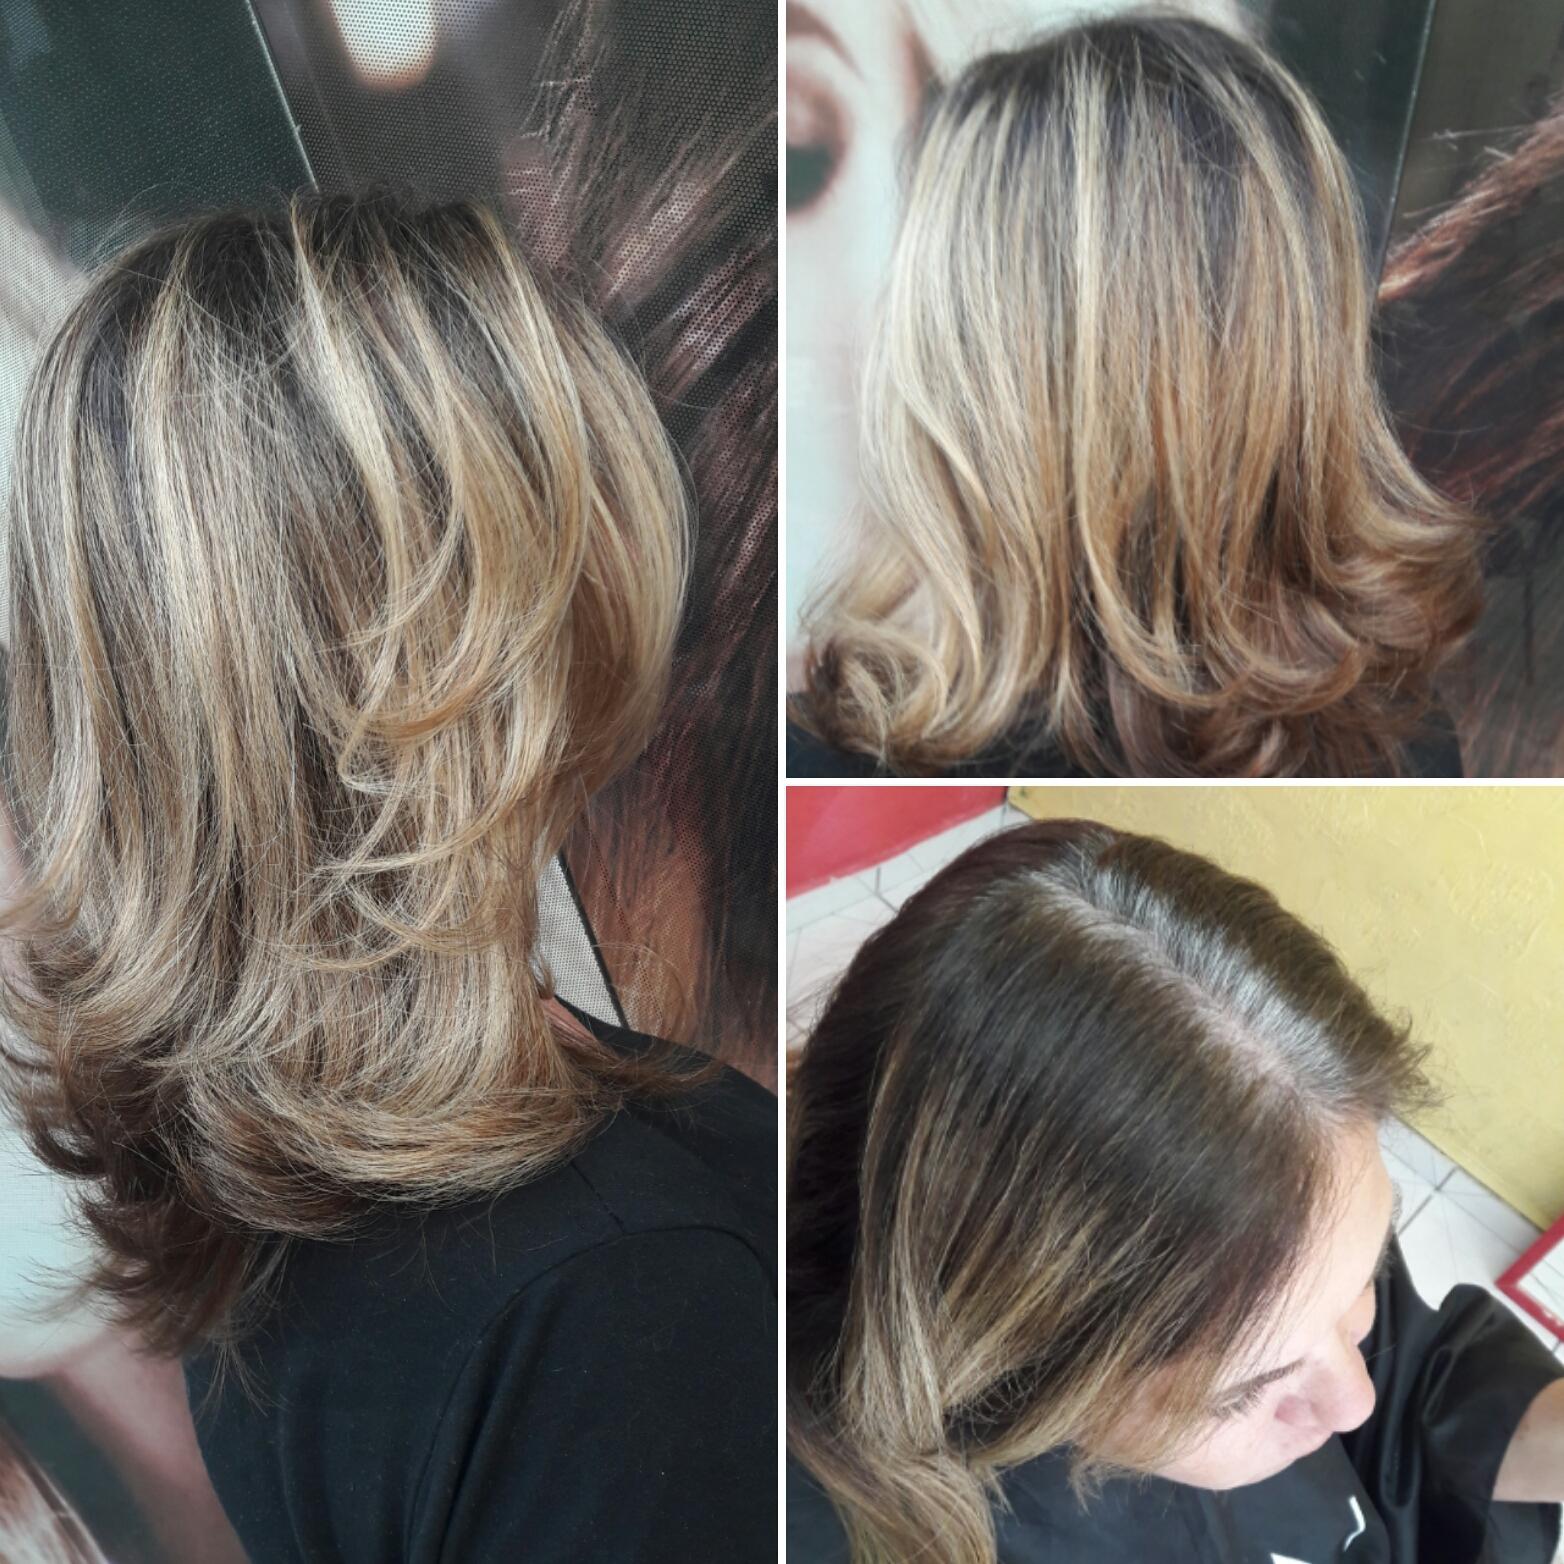 Retoque de raiz levemente esfumado. #hairstylist #haircut #hairdresser # beauty #beleza #salaodebeleza  cabelo cabeleireiro(a)